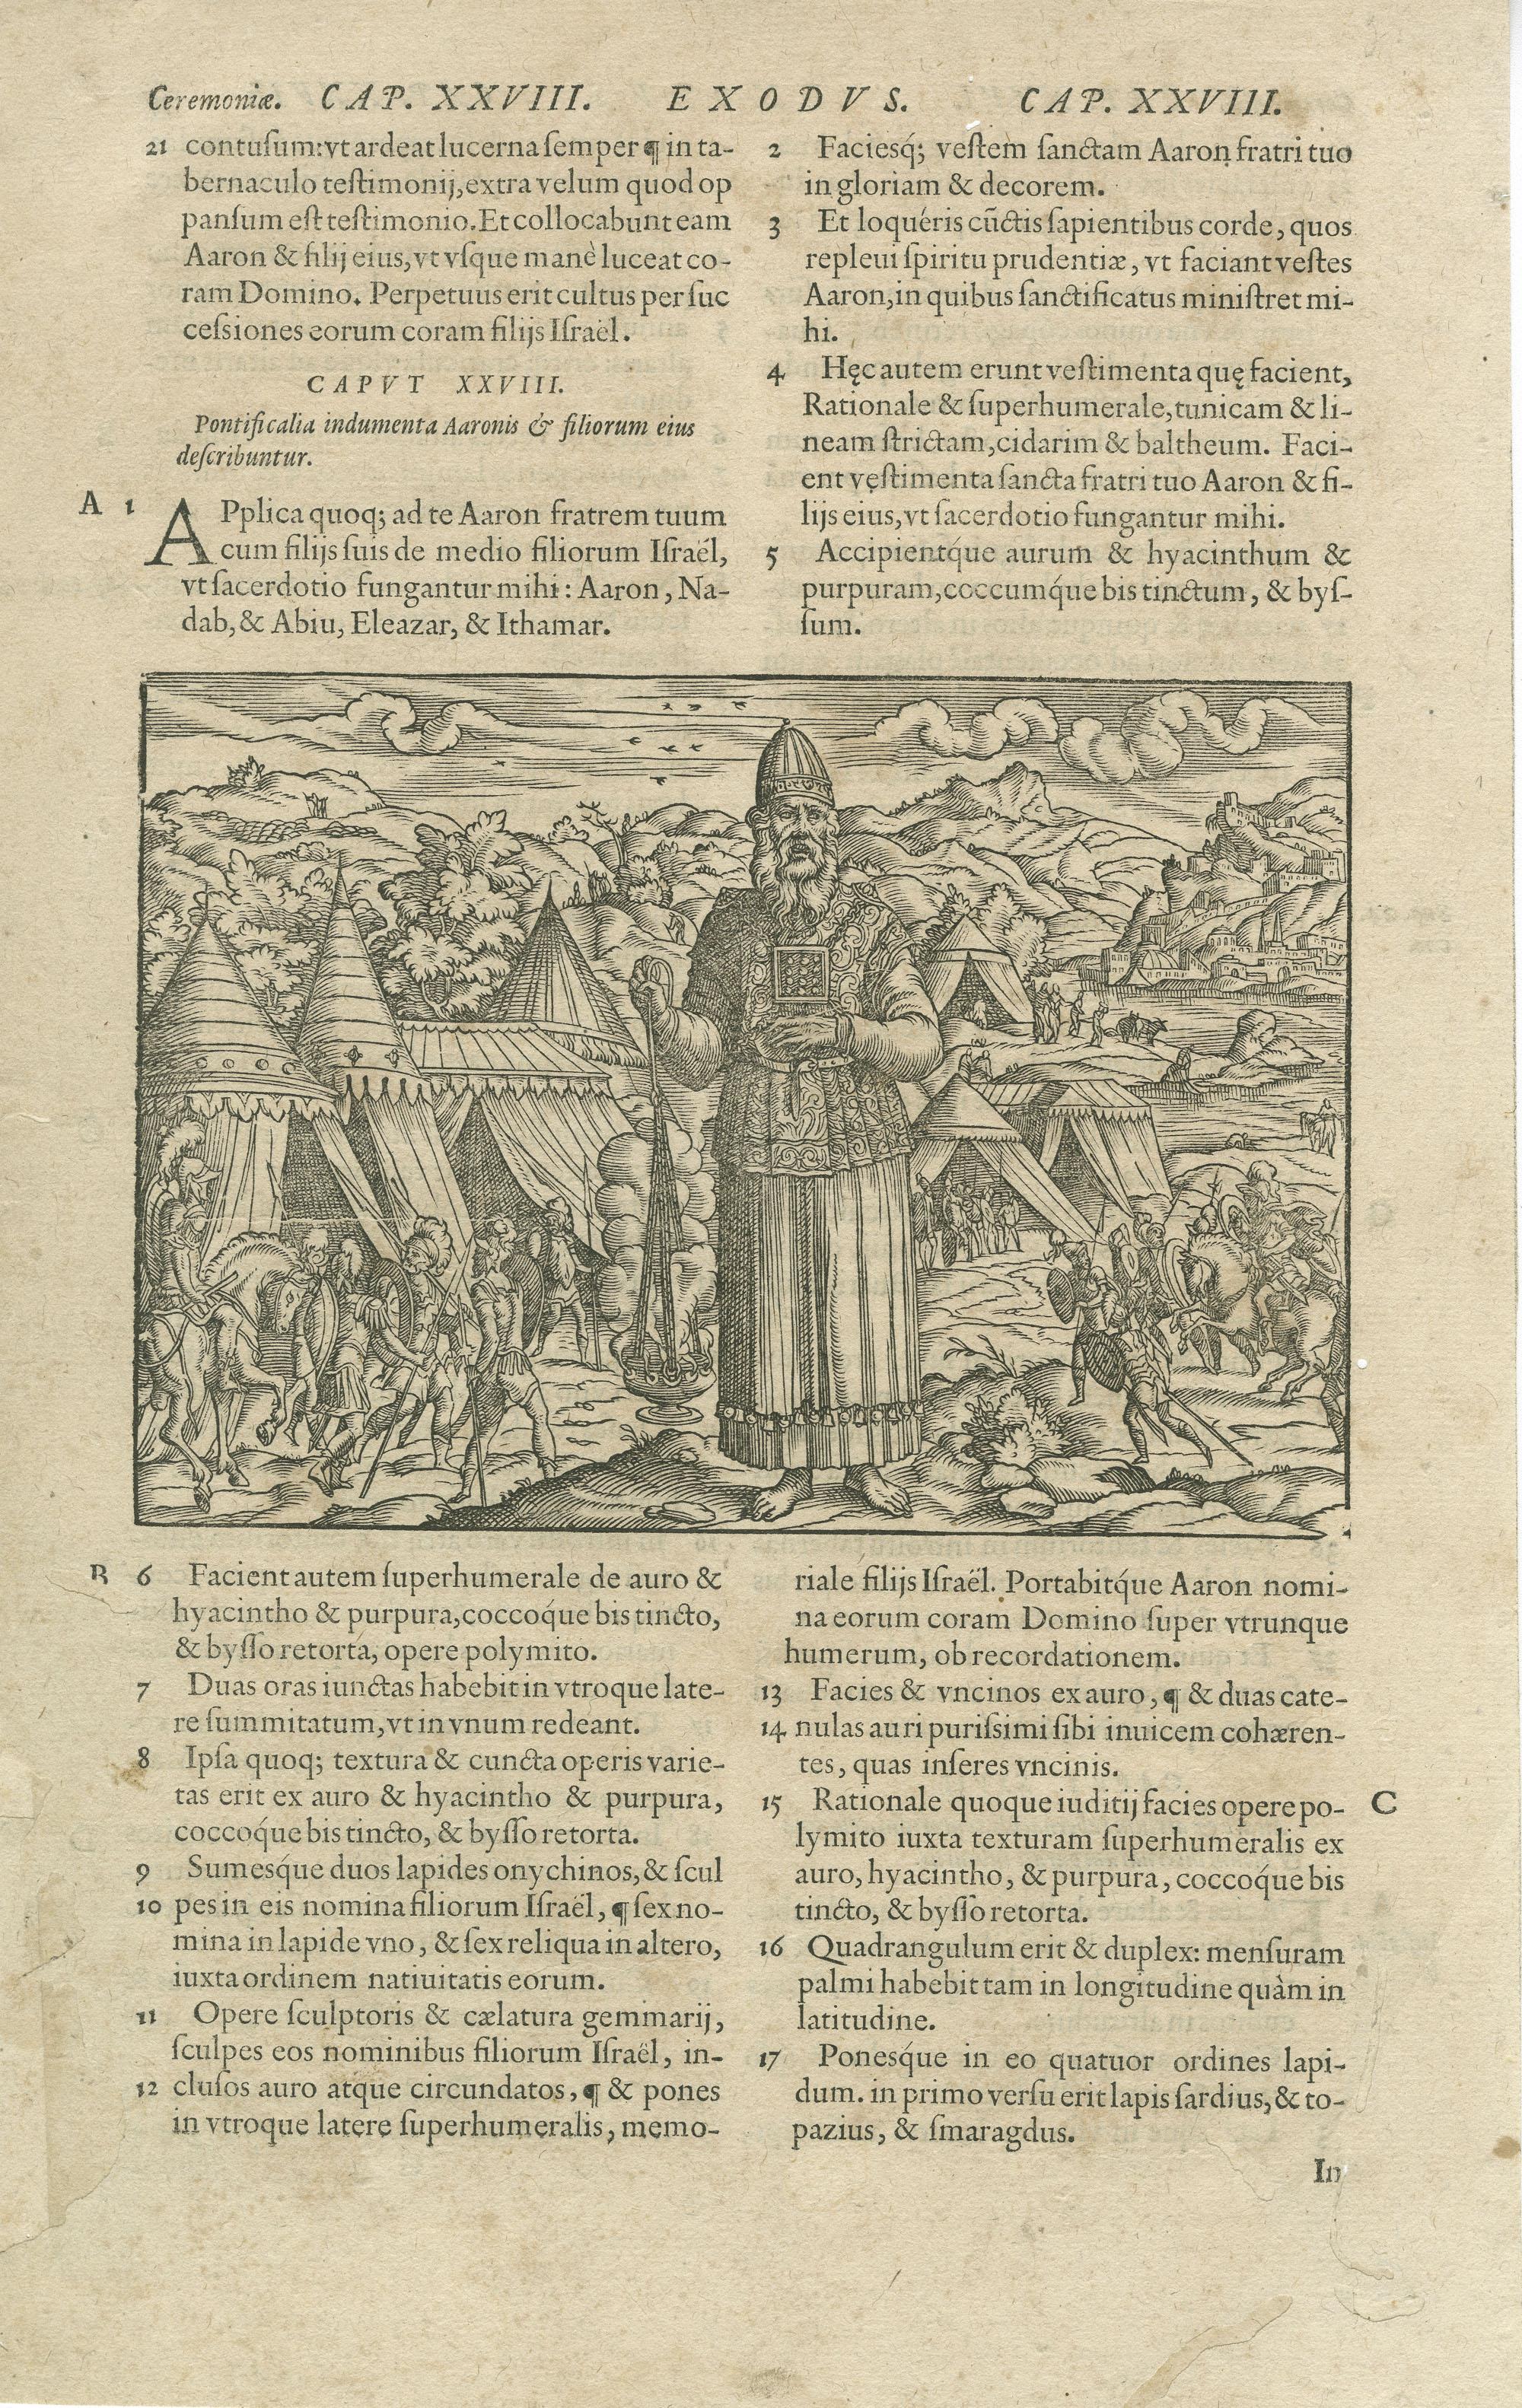 Pontificalia indumenta Aaronis & filiorum eius describuntur